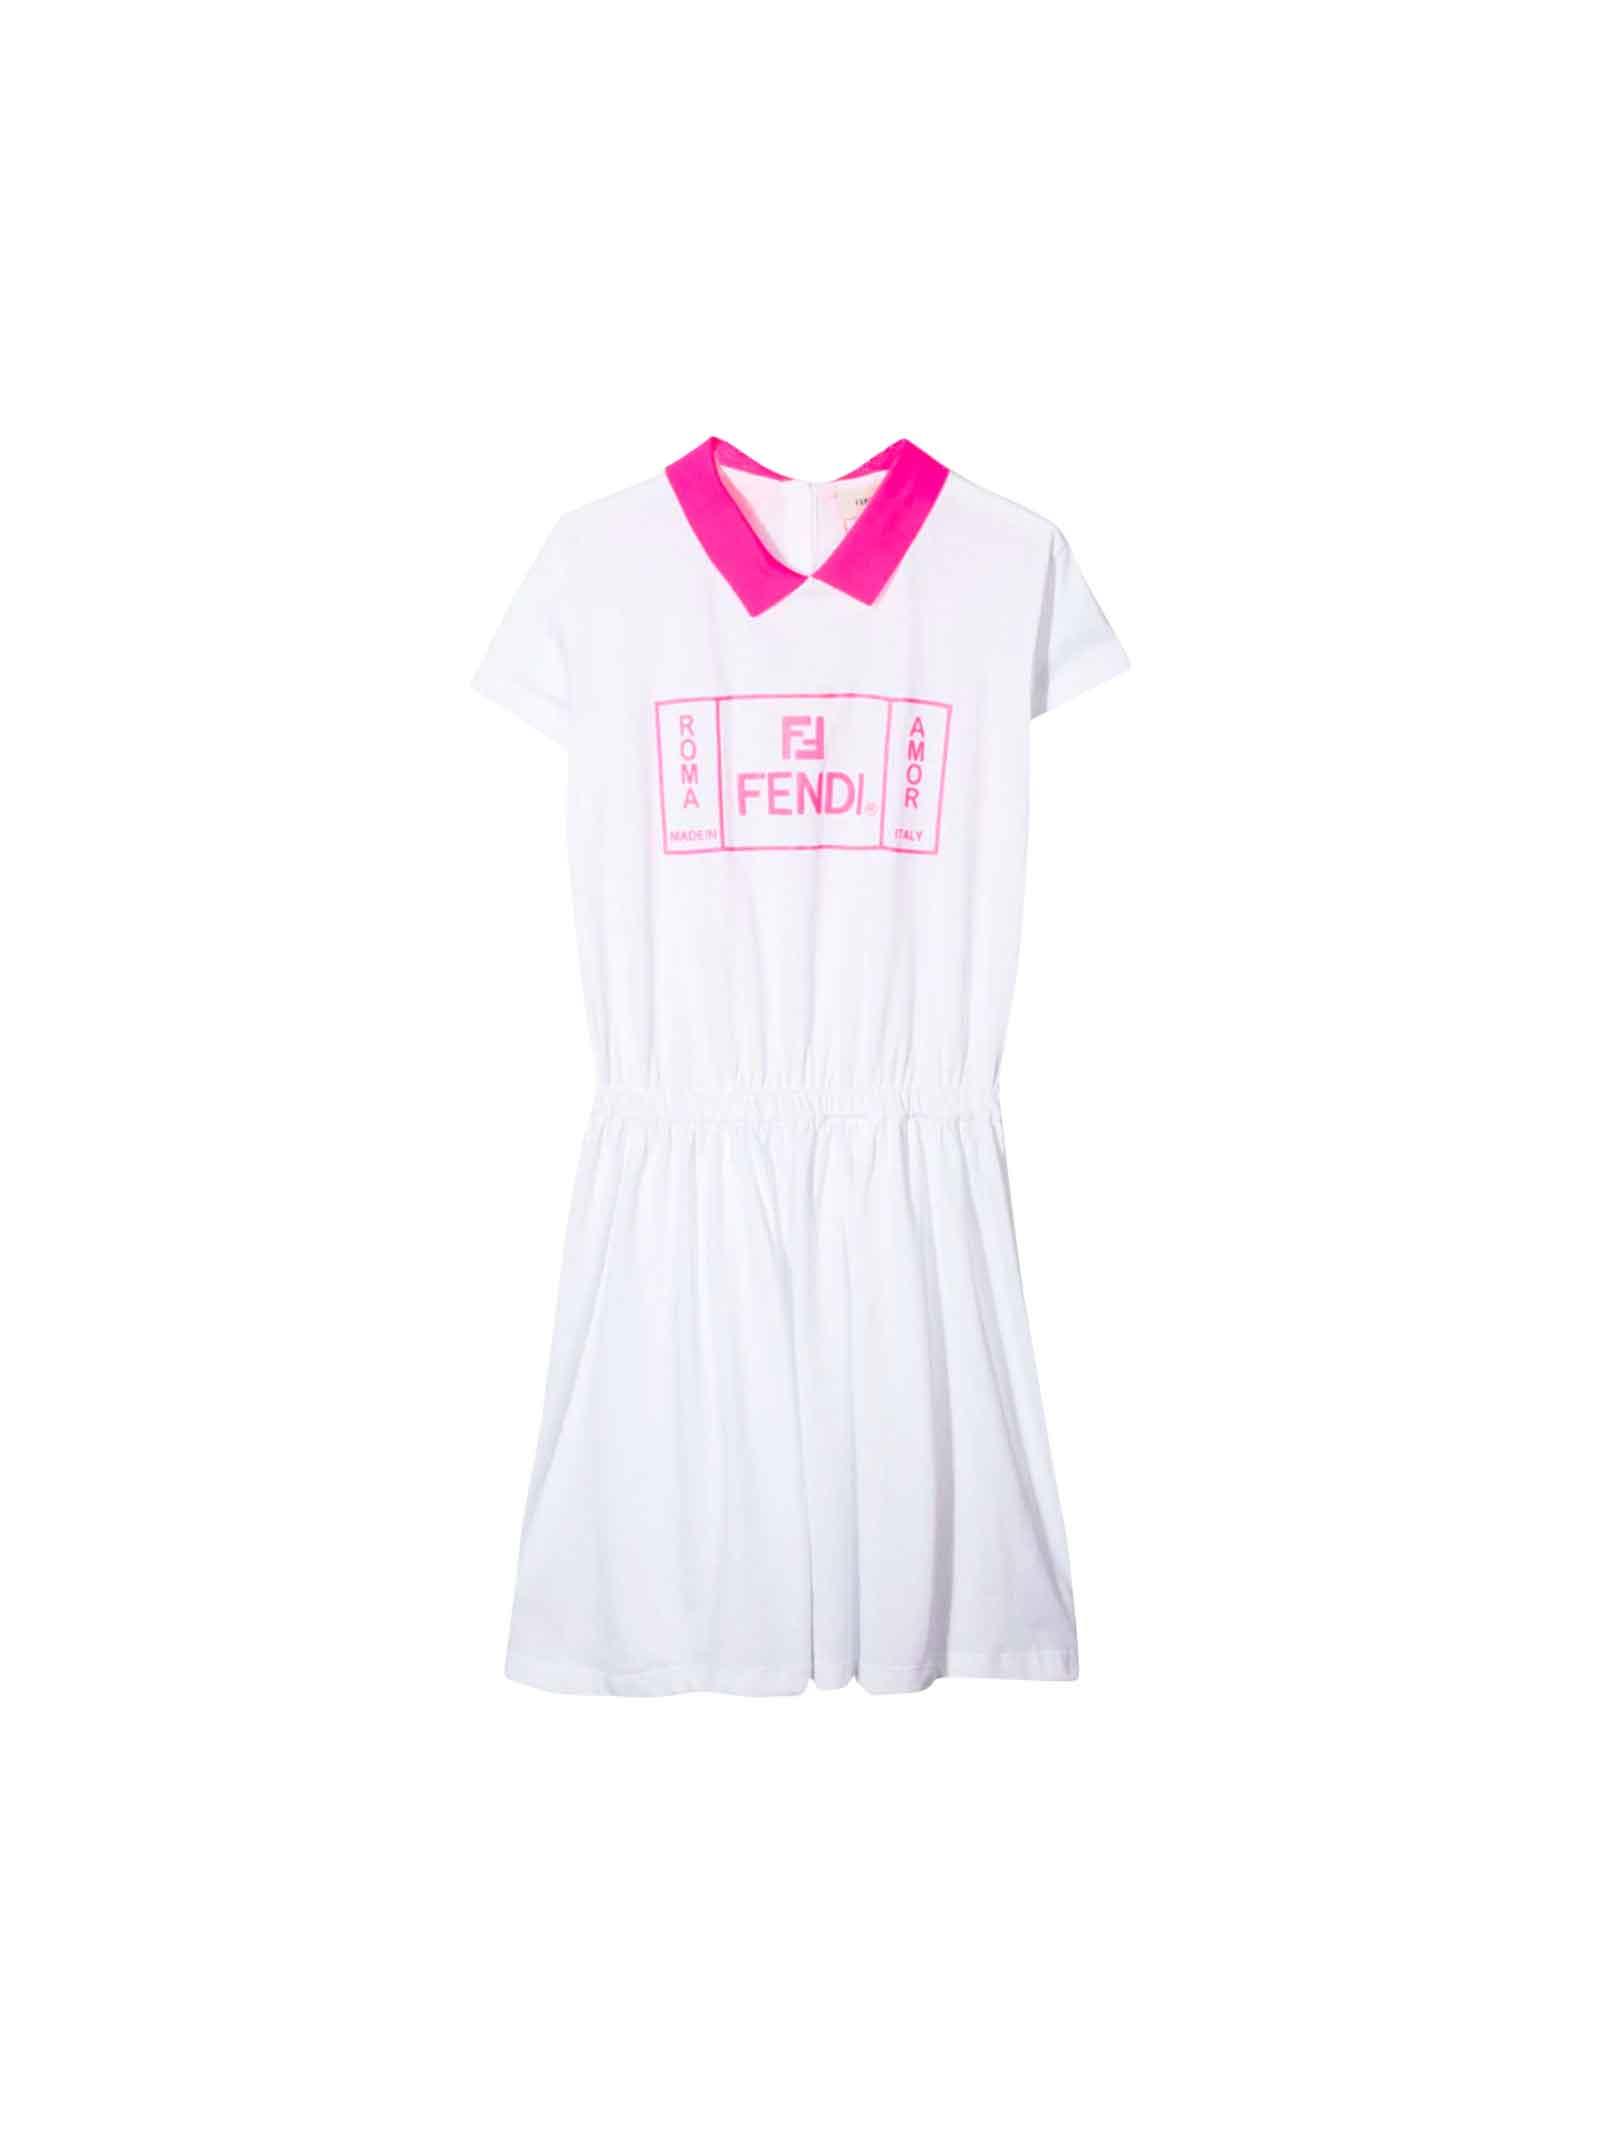 Fendi White Dress Girls